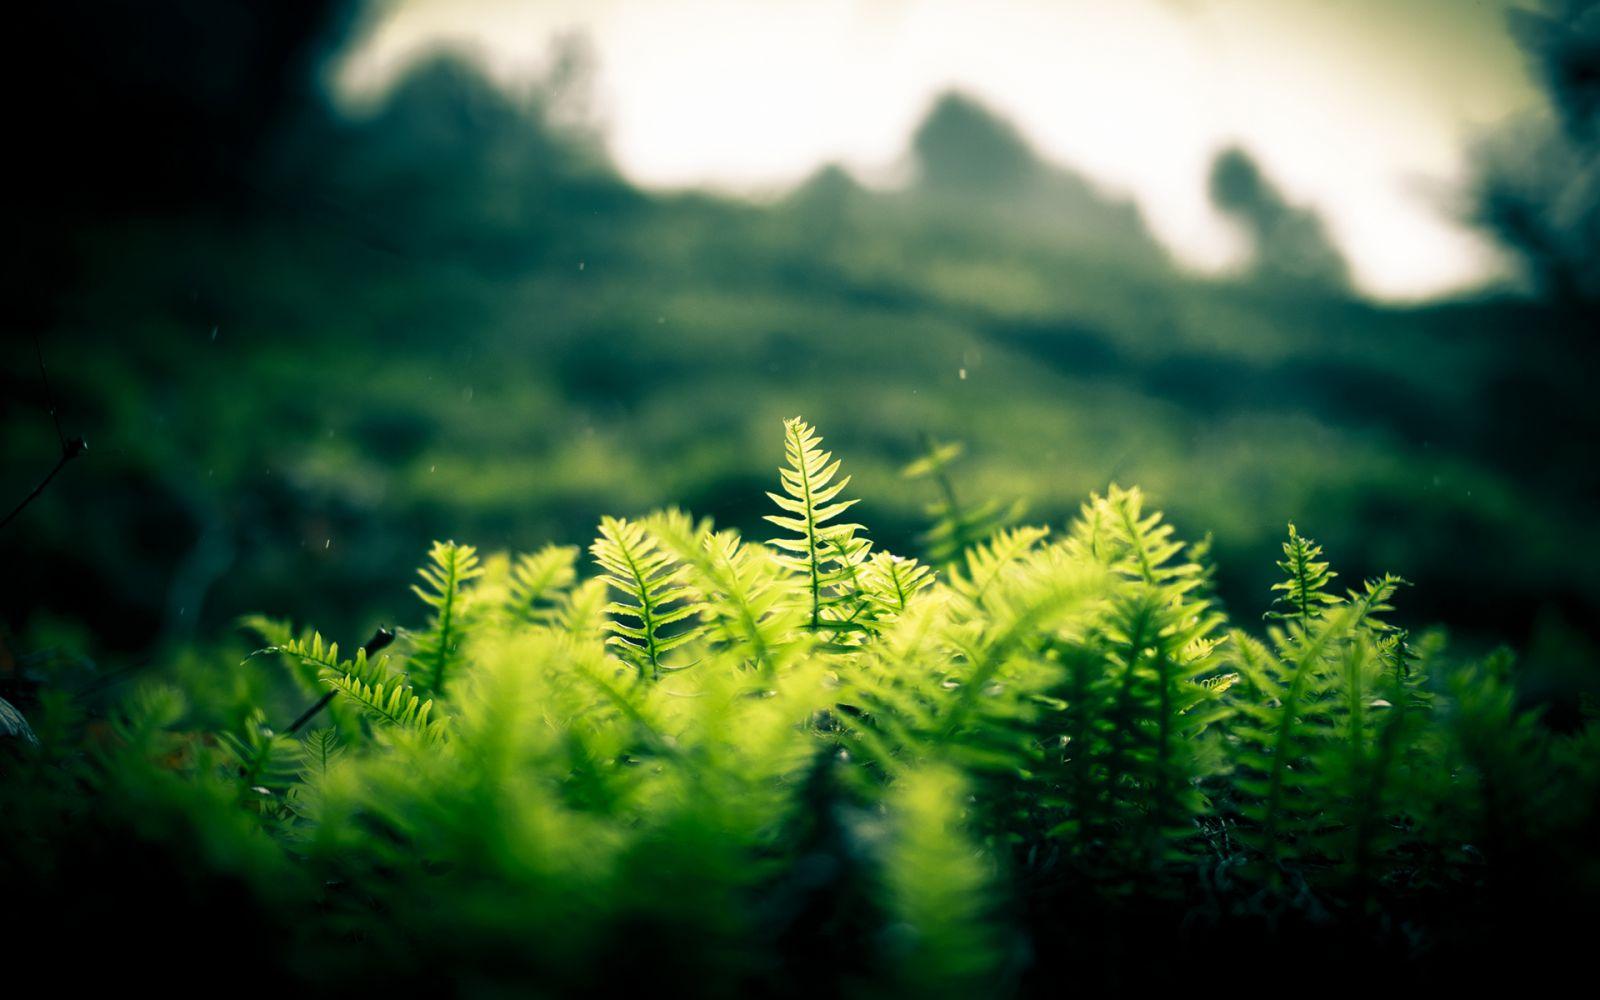 Hình nền xanh lá thiên nhiên